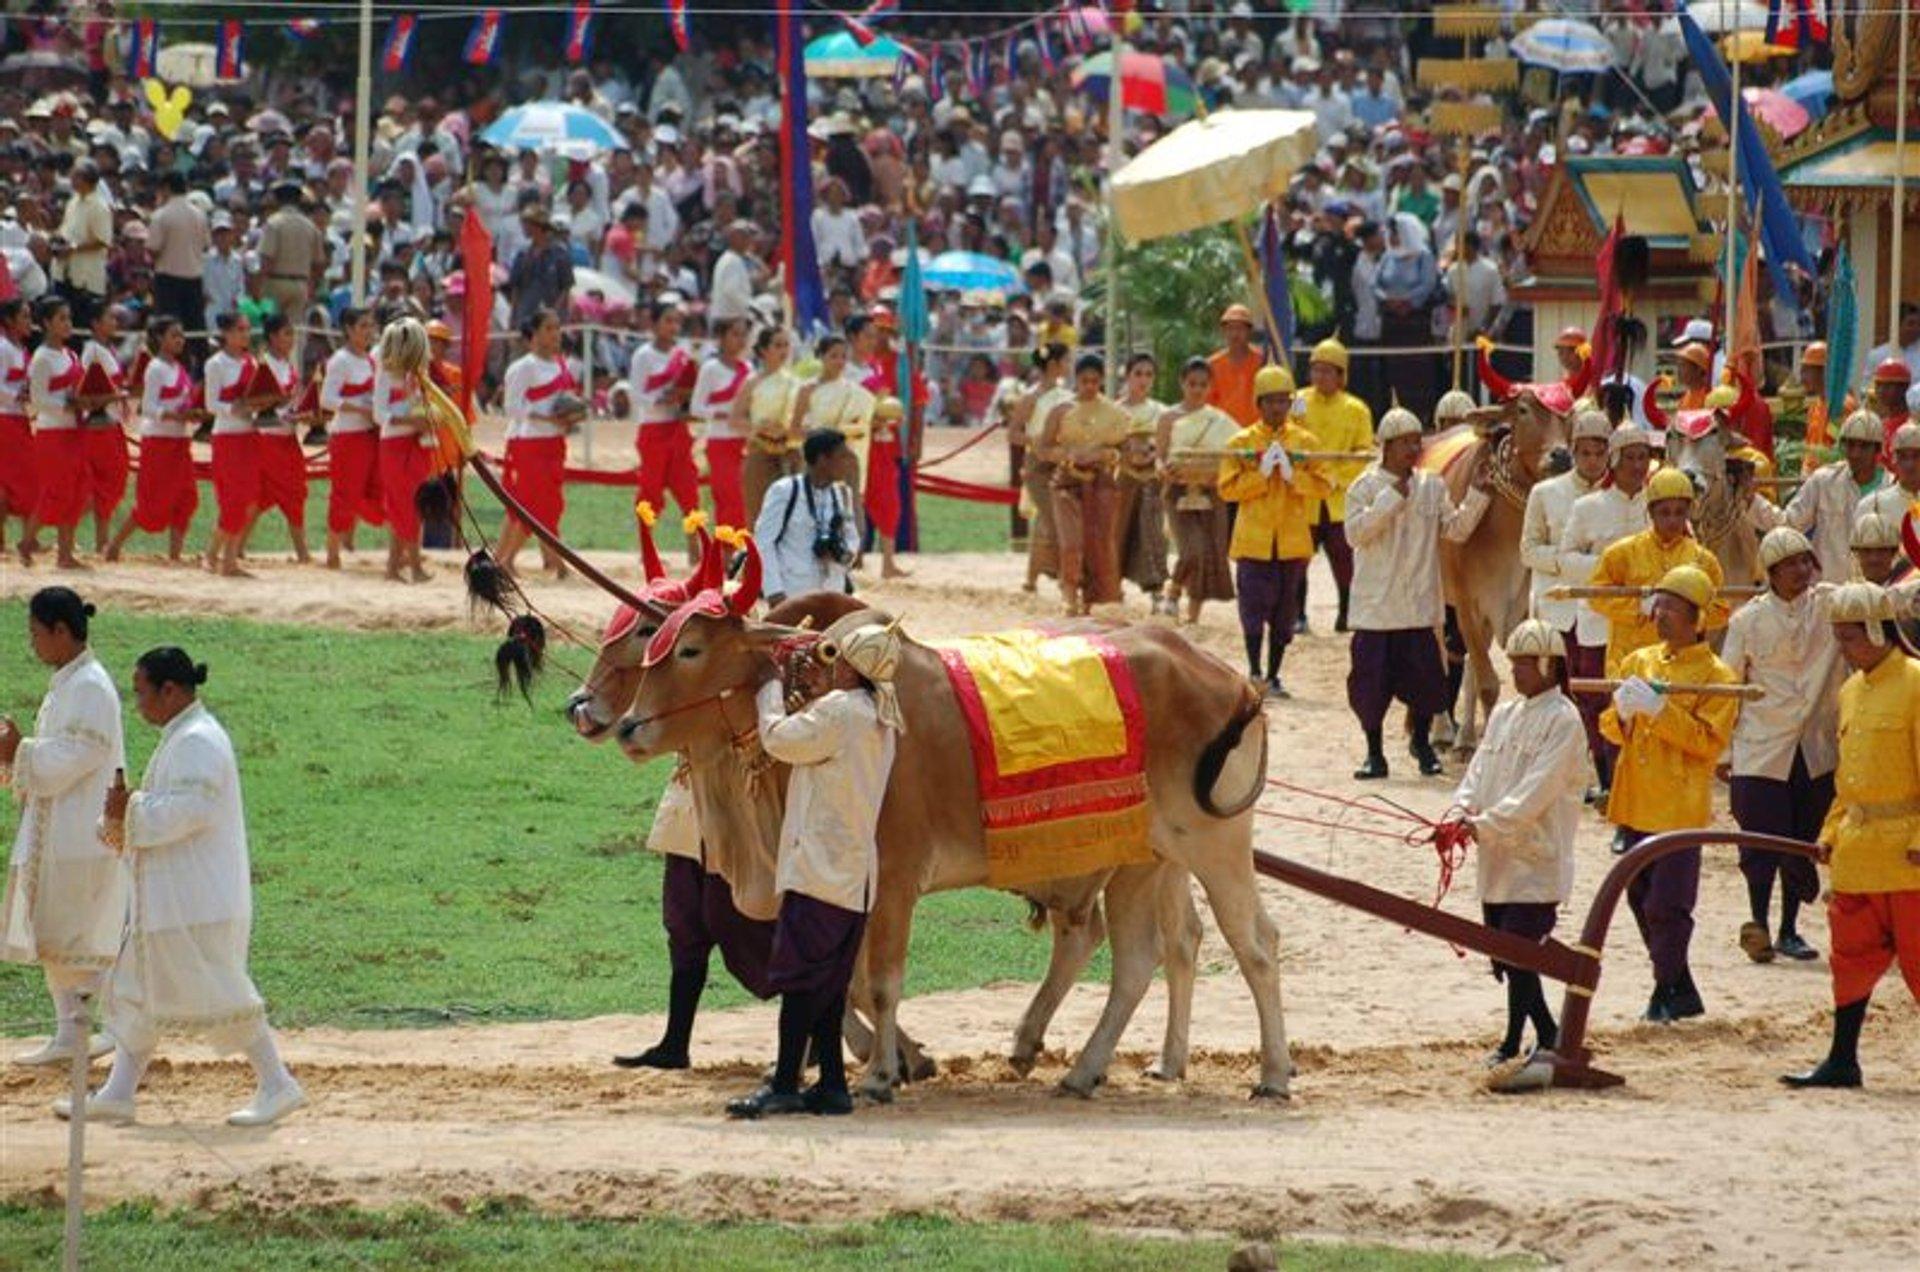 Quốc gia này có nhiều lễ hội lớn, hút khách trước đại dịch như lễ hội Phật giáo Meak Bochea, lễ hội năm mới Choul Chnam Thmey, lễ hội Cày bừa hoàng gia Pithi Chrat Preah Neanng Korl (ảnh), lễ hội cúng 7 đời tổ tiên Pchum Ben... Ảnh: Rove